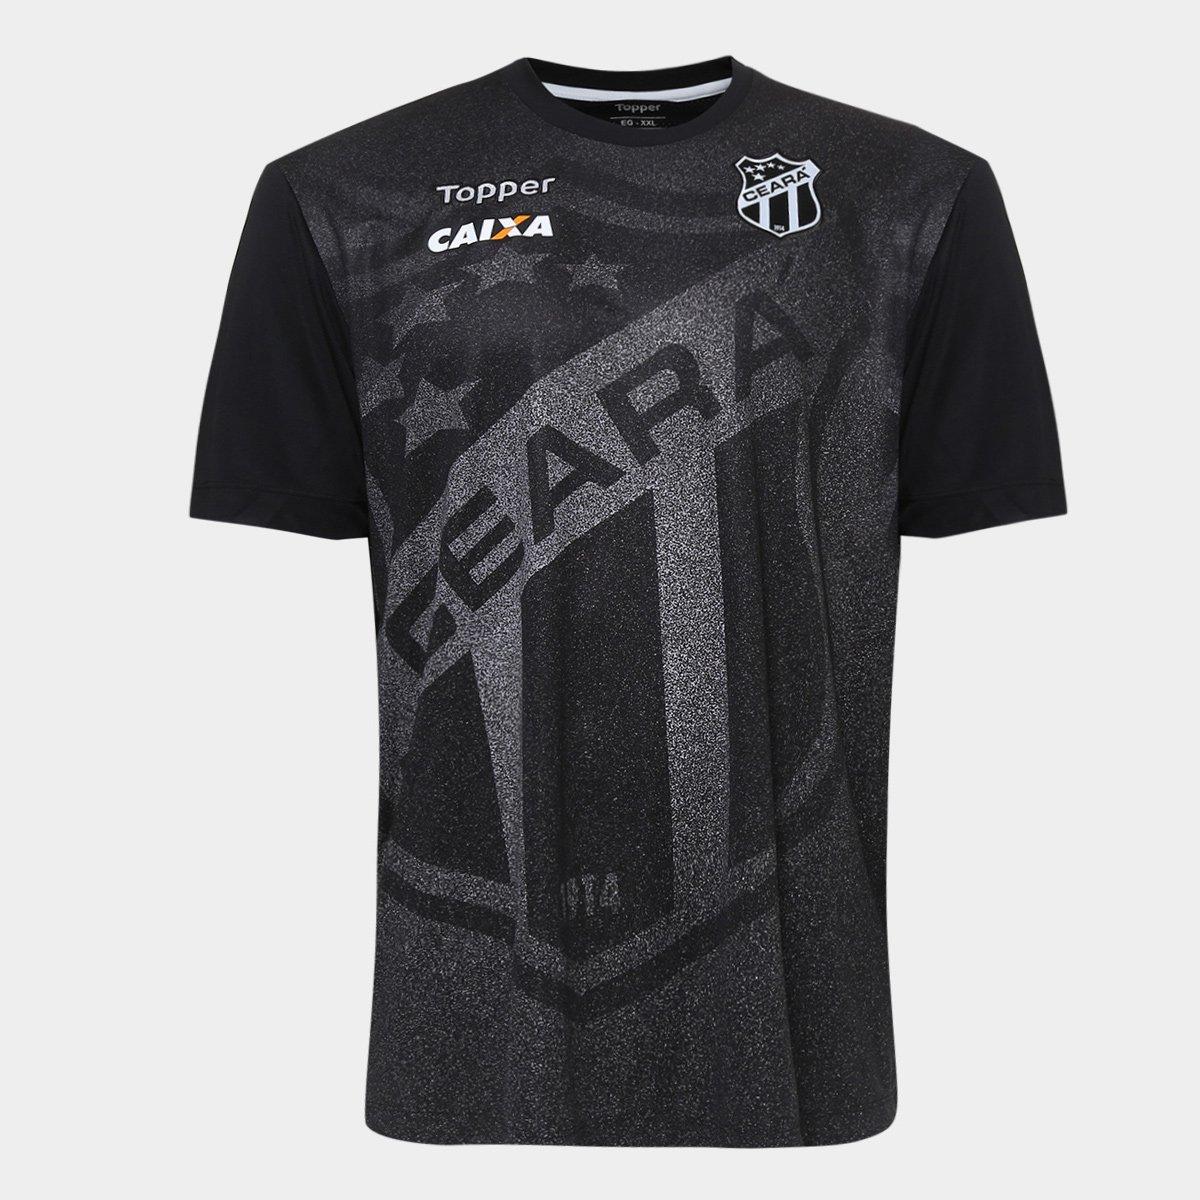 e05d769377b8c Camisa Ceará Aquecimento 2018 Topper Masculina - Preto - Compre Agora